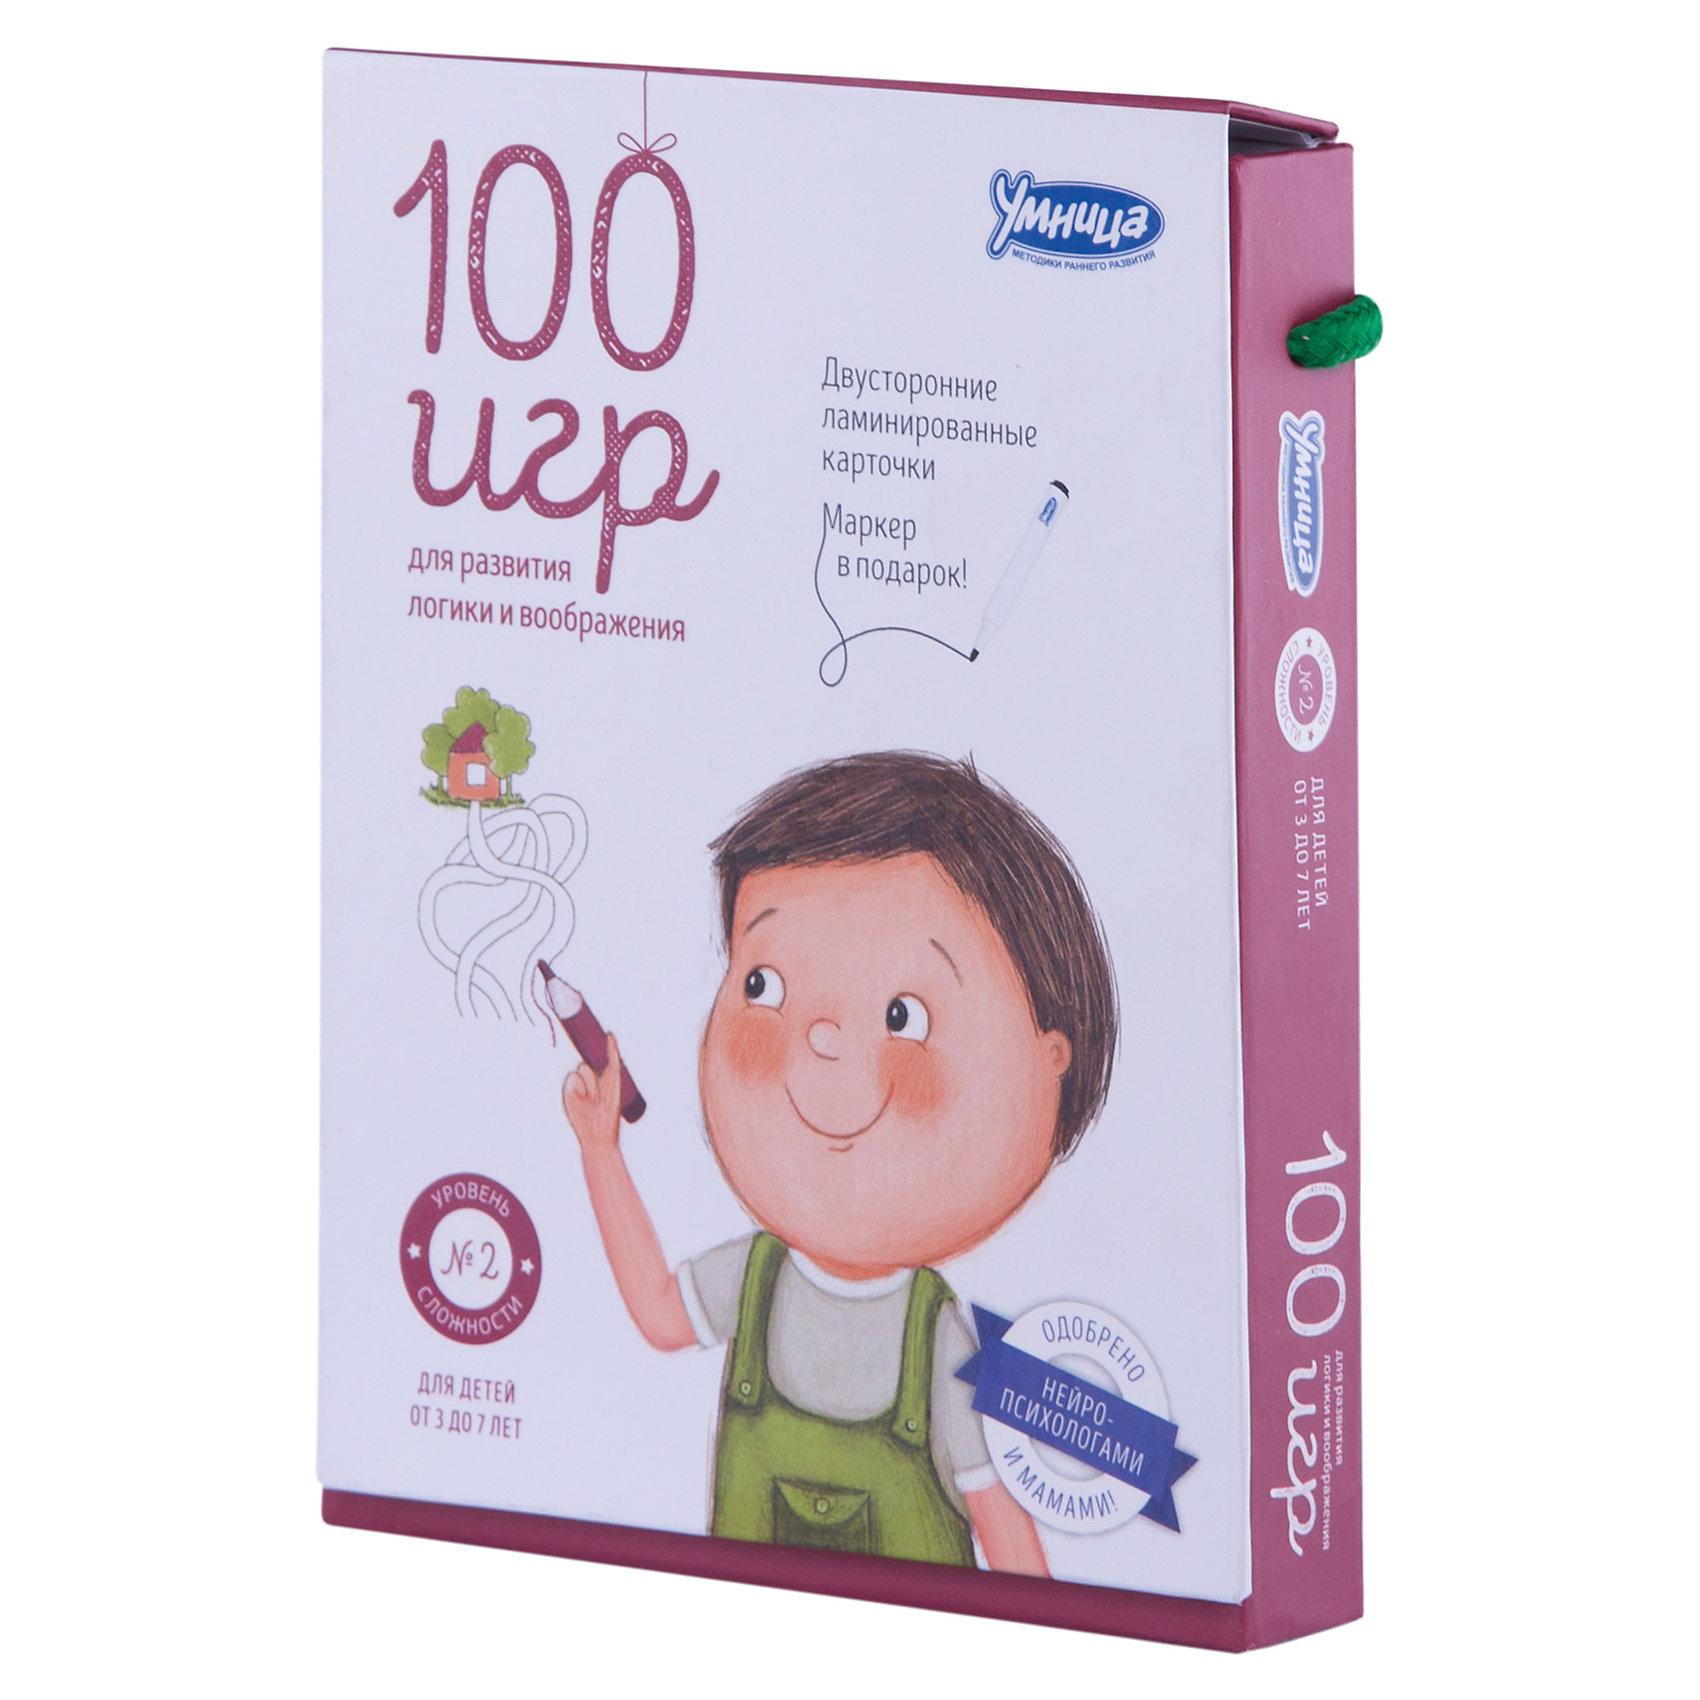 Карточки 100 игр, Уровень 3Умница<br>Характеристики:<br><br>• Вид игр: обучающие, развивающие<br>• Серия: Развивающие карточки<br>• Материал: картон, пластик<br>• Комплектация: 50 двухсторонних карточек, маркер, методические рекомендации родителям<br>• Размеры карточек (В*Ш): 15*11 см<br>• Тип упаковки: картонная коробка<br>• Размеры упаковки (Д*Ш*В): 11,5*15,5*30 см<br>• Вес в упаковке: 340 г<br><br>Карточки 100 игр, Уровень 3 состоят из 50 двухсторонних карточек с разнообразными заданиями, направленными на развитие внимания, логического мышления, зрительной памяти. Среди заданий: дорисуй картинку, выбери путь, найди отличия, найди указанные предметы и т.д. Для выполнения заданий в комплекте предусмотрен маркер, который легко стирается с поверхности.<br><br>Карточки 100 игр, Уровень 3 можно купить в нашем интернет-магазине.<br><br>Ширина мм: 115<br>Глубина мм: 155<br>Высота мм: 300<br>Вес г: 340<br>Возраст от месяцев: 36<br>Возраст до месяцев: 2147483647<br>Пол: Унисекс<br>Возраст: Детский<br>SKU: 5523168